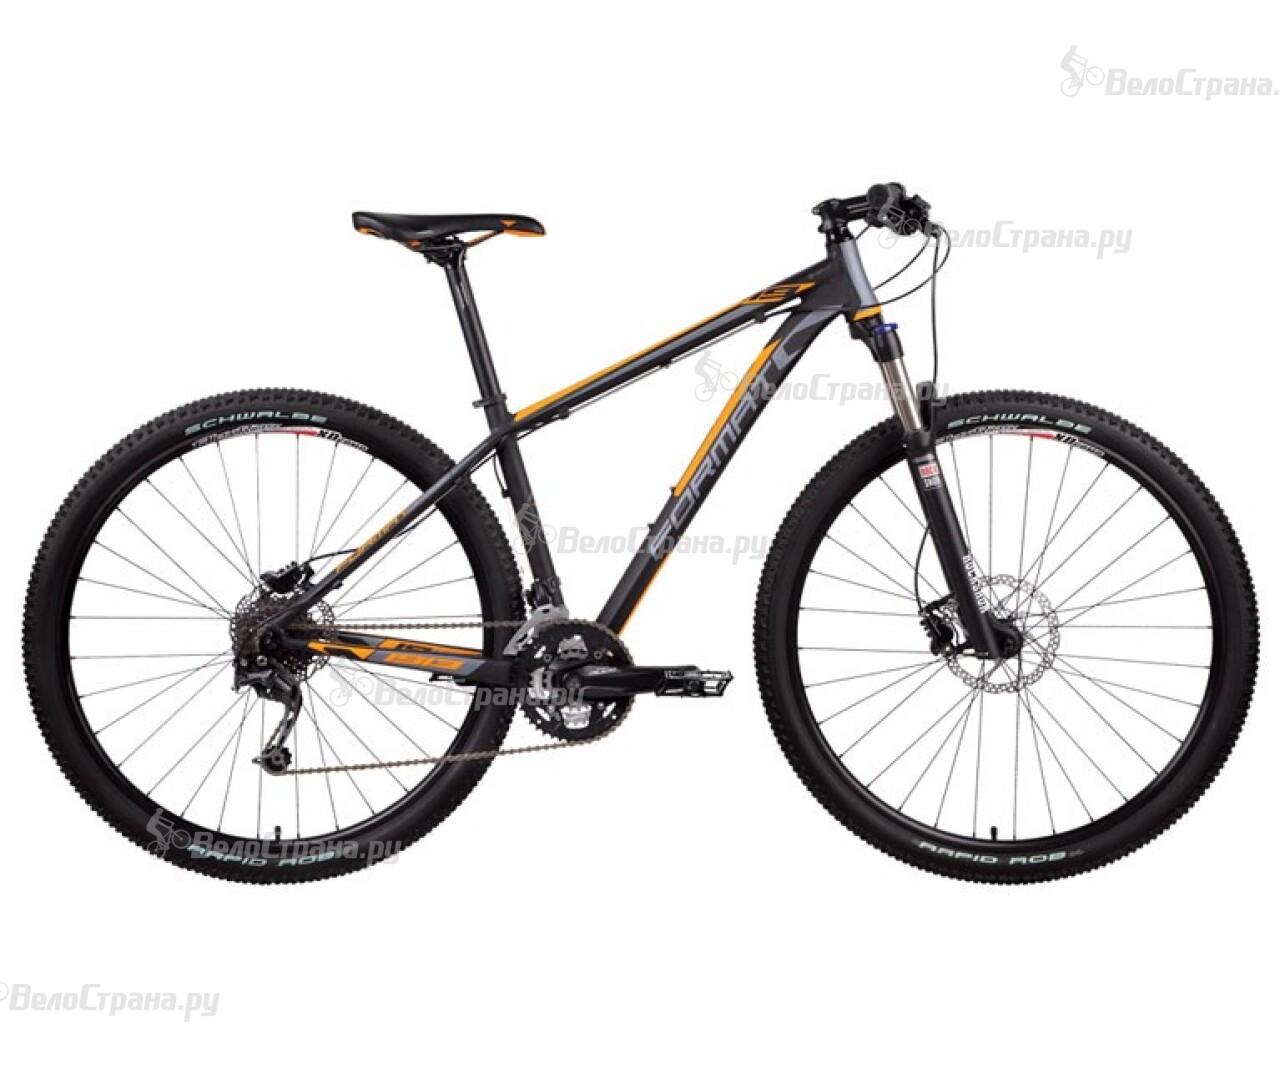 Велосипед Format 1913 (2014) дисковые тормоза rock